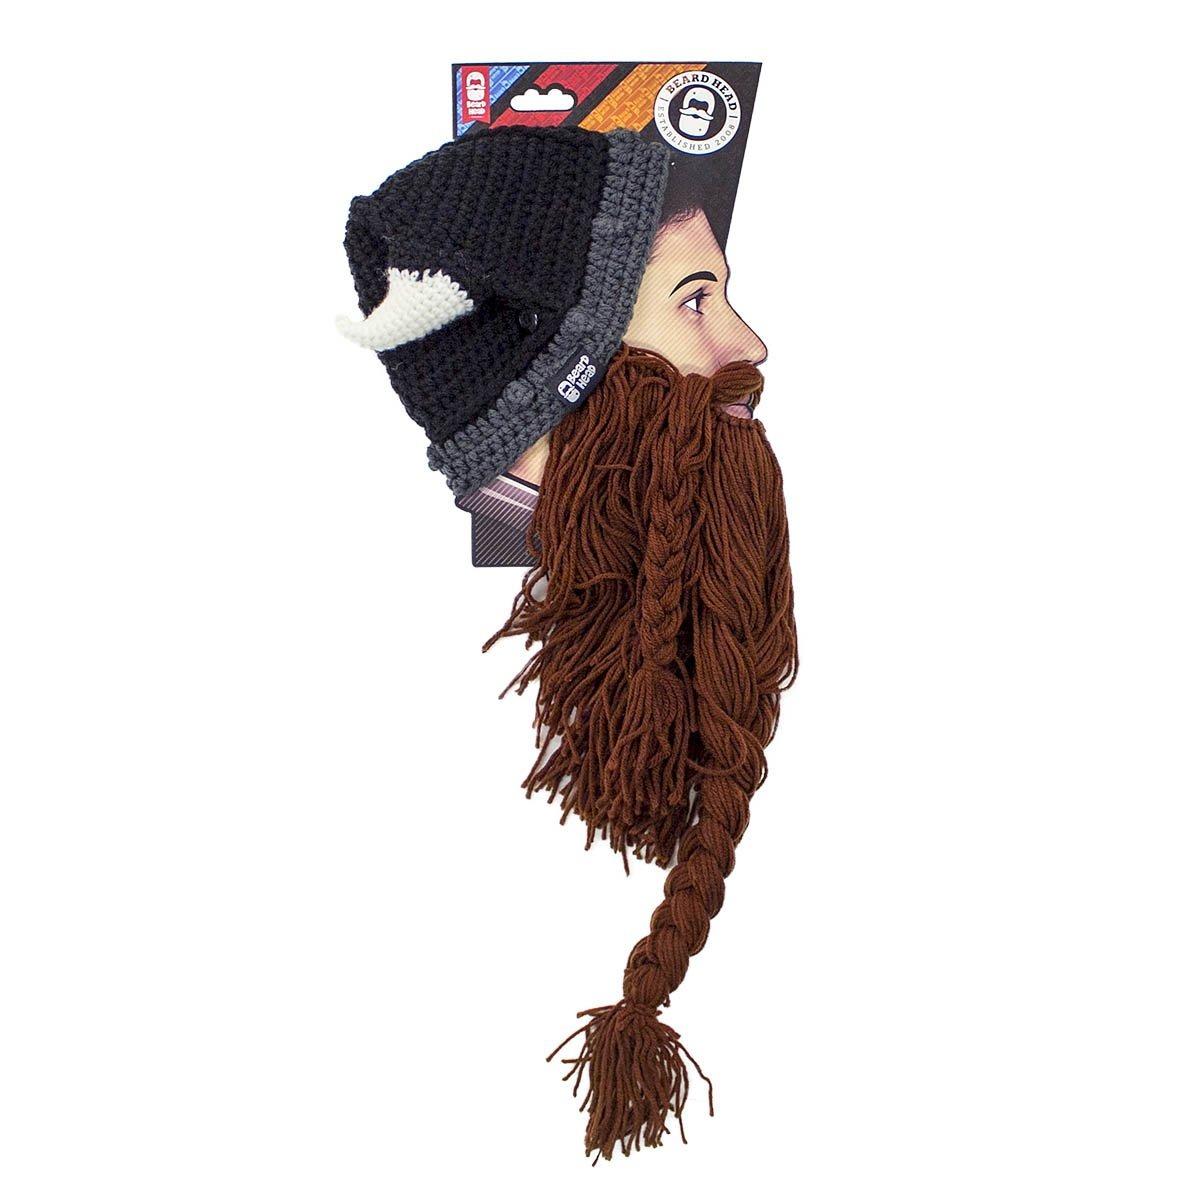 Beard Head Viking Pillager Beard Beanie Funny Knit Horned ...